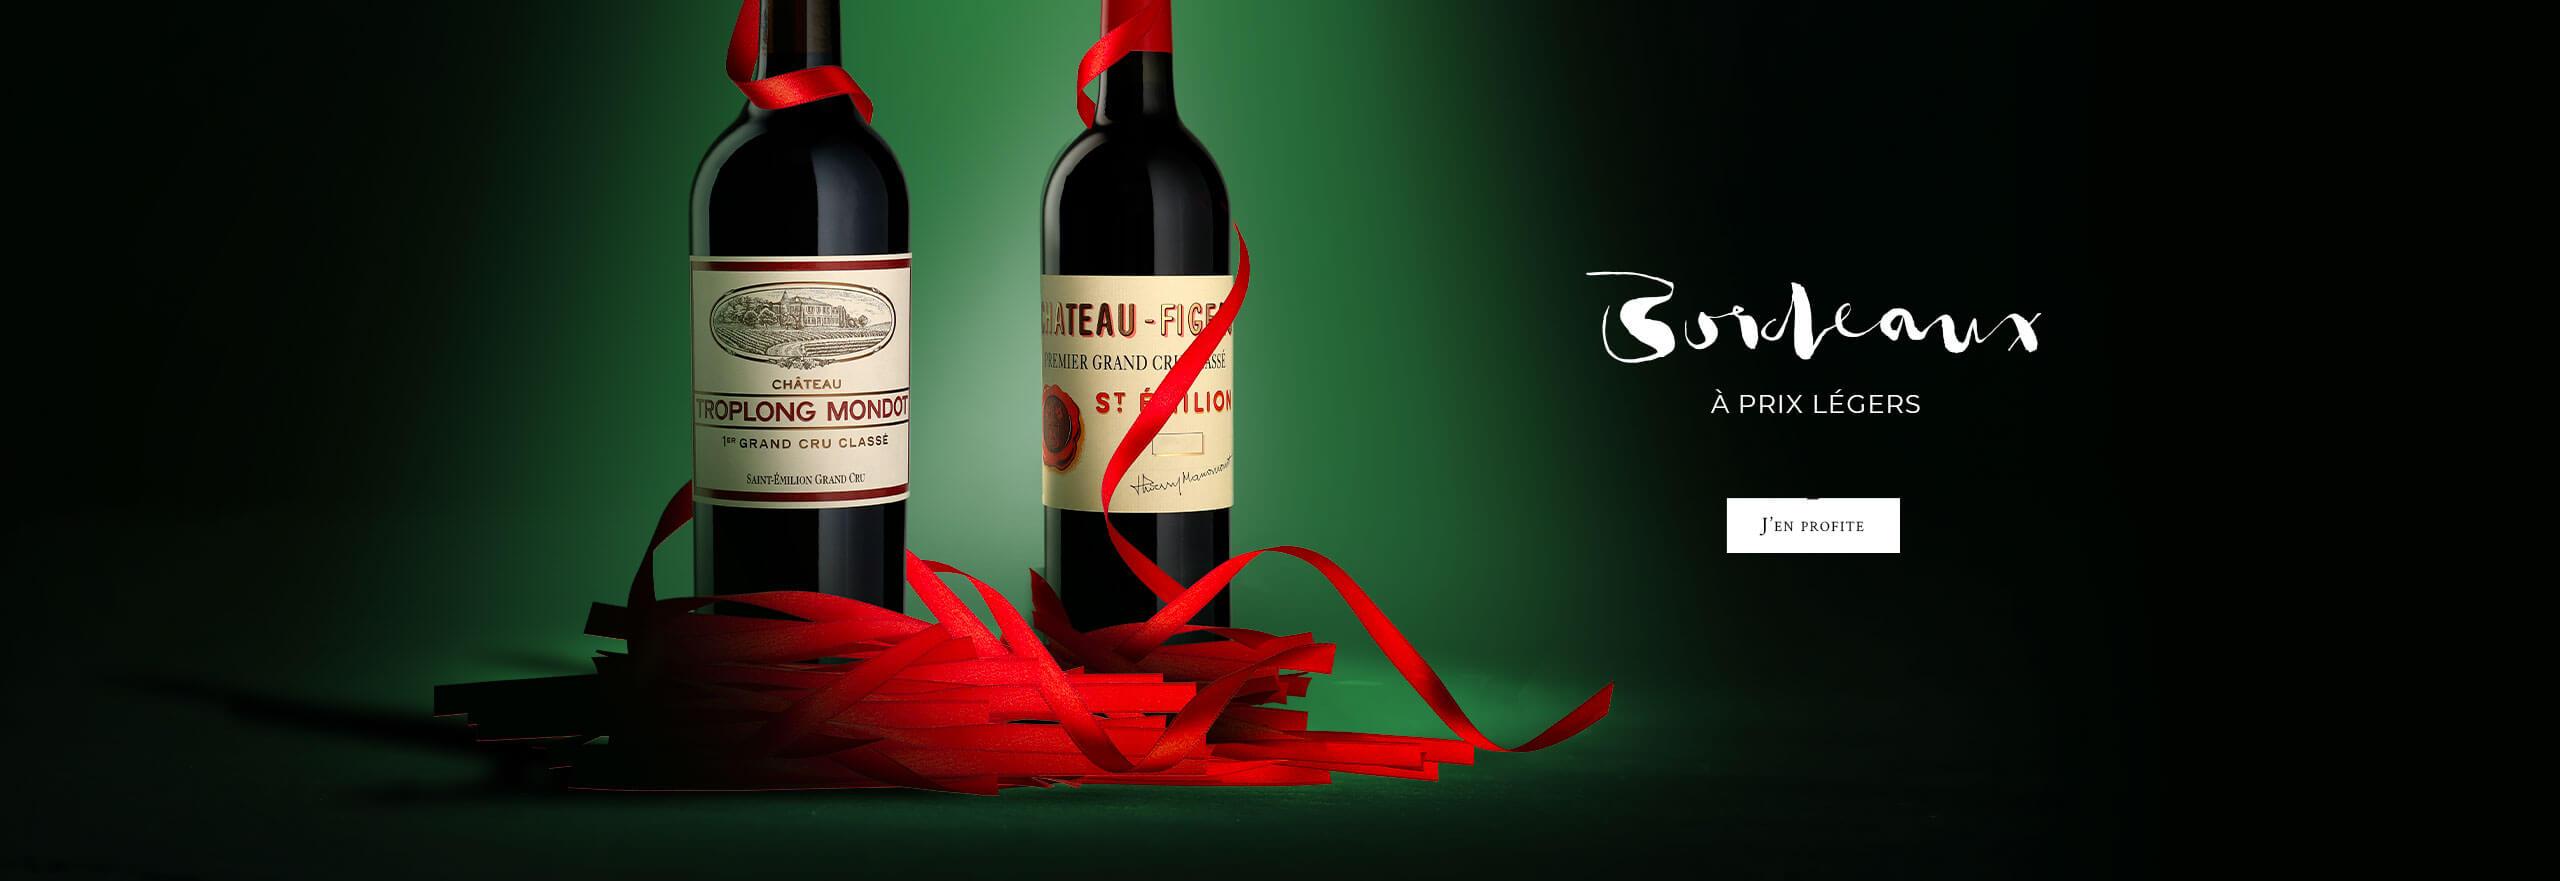 Bordeaux à prix légers : Jusqu'à -30% de remise dès maintenant !